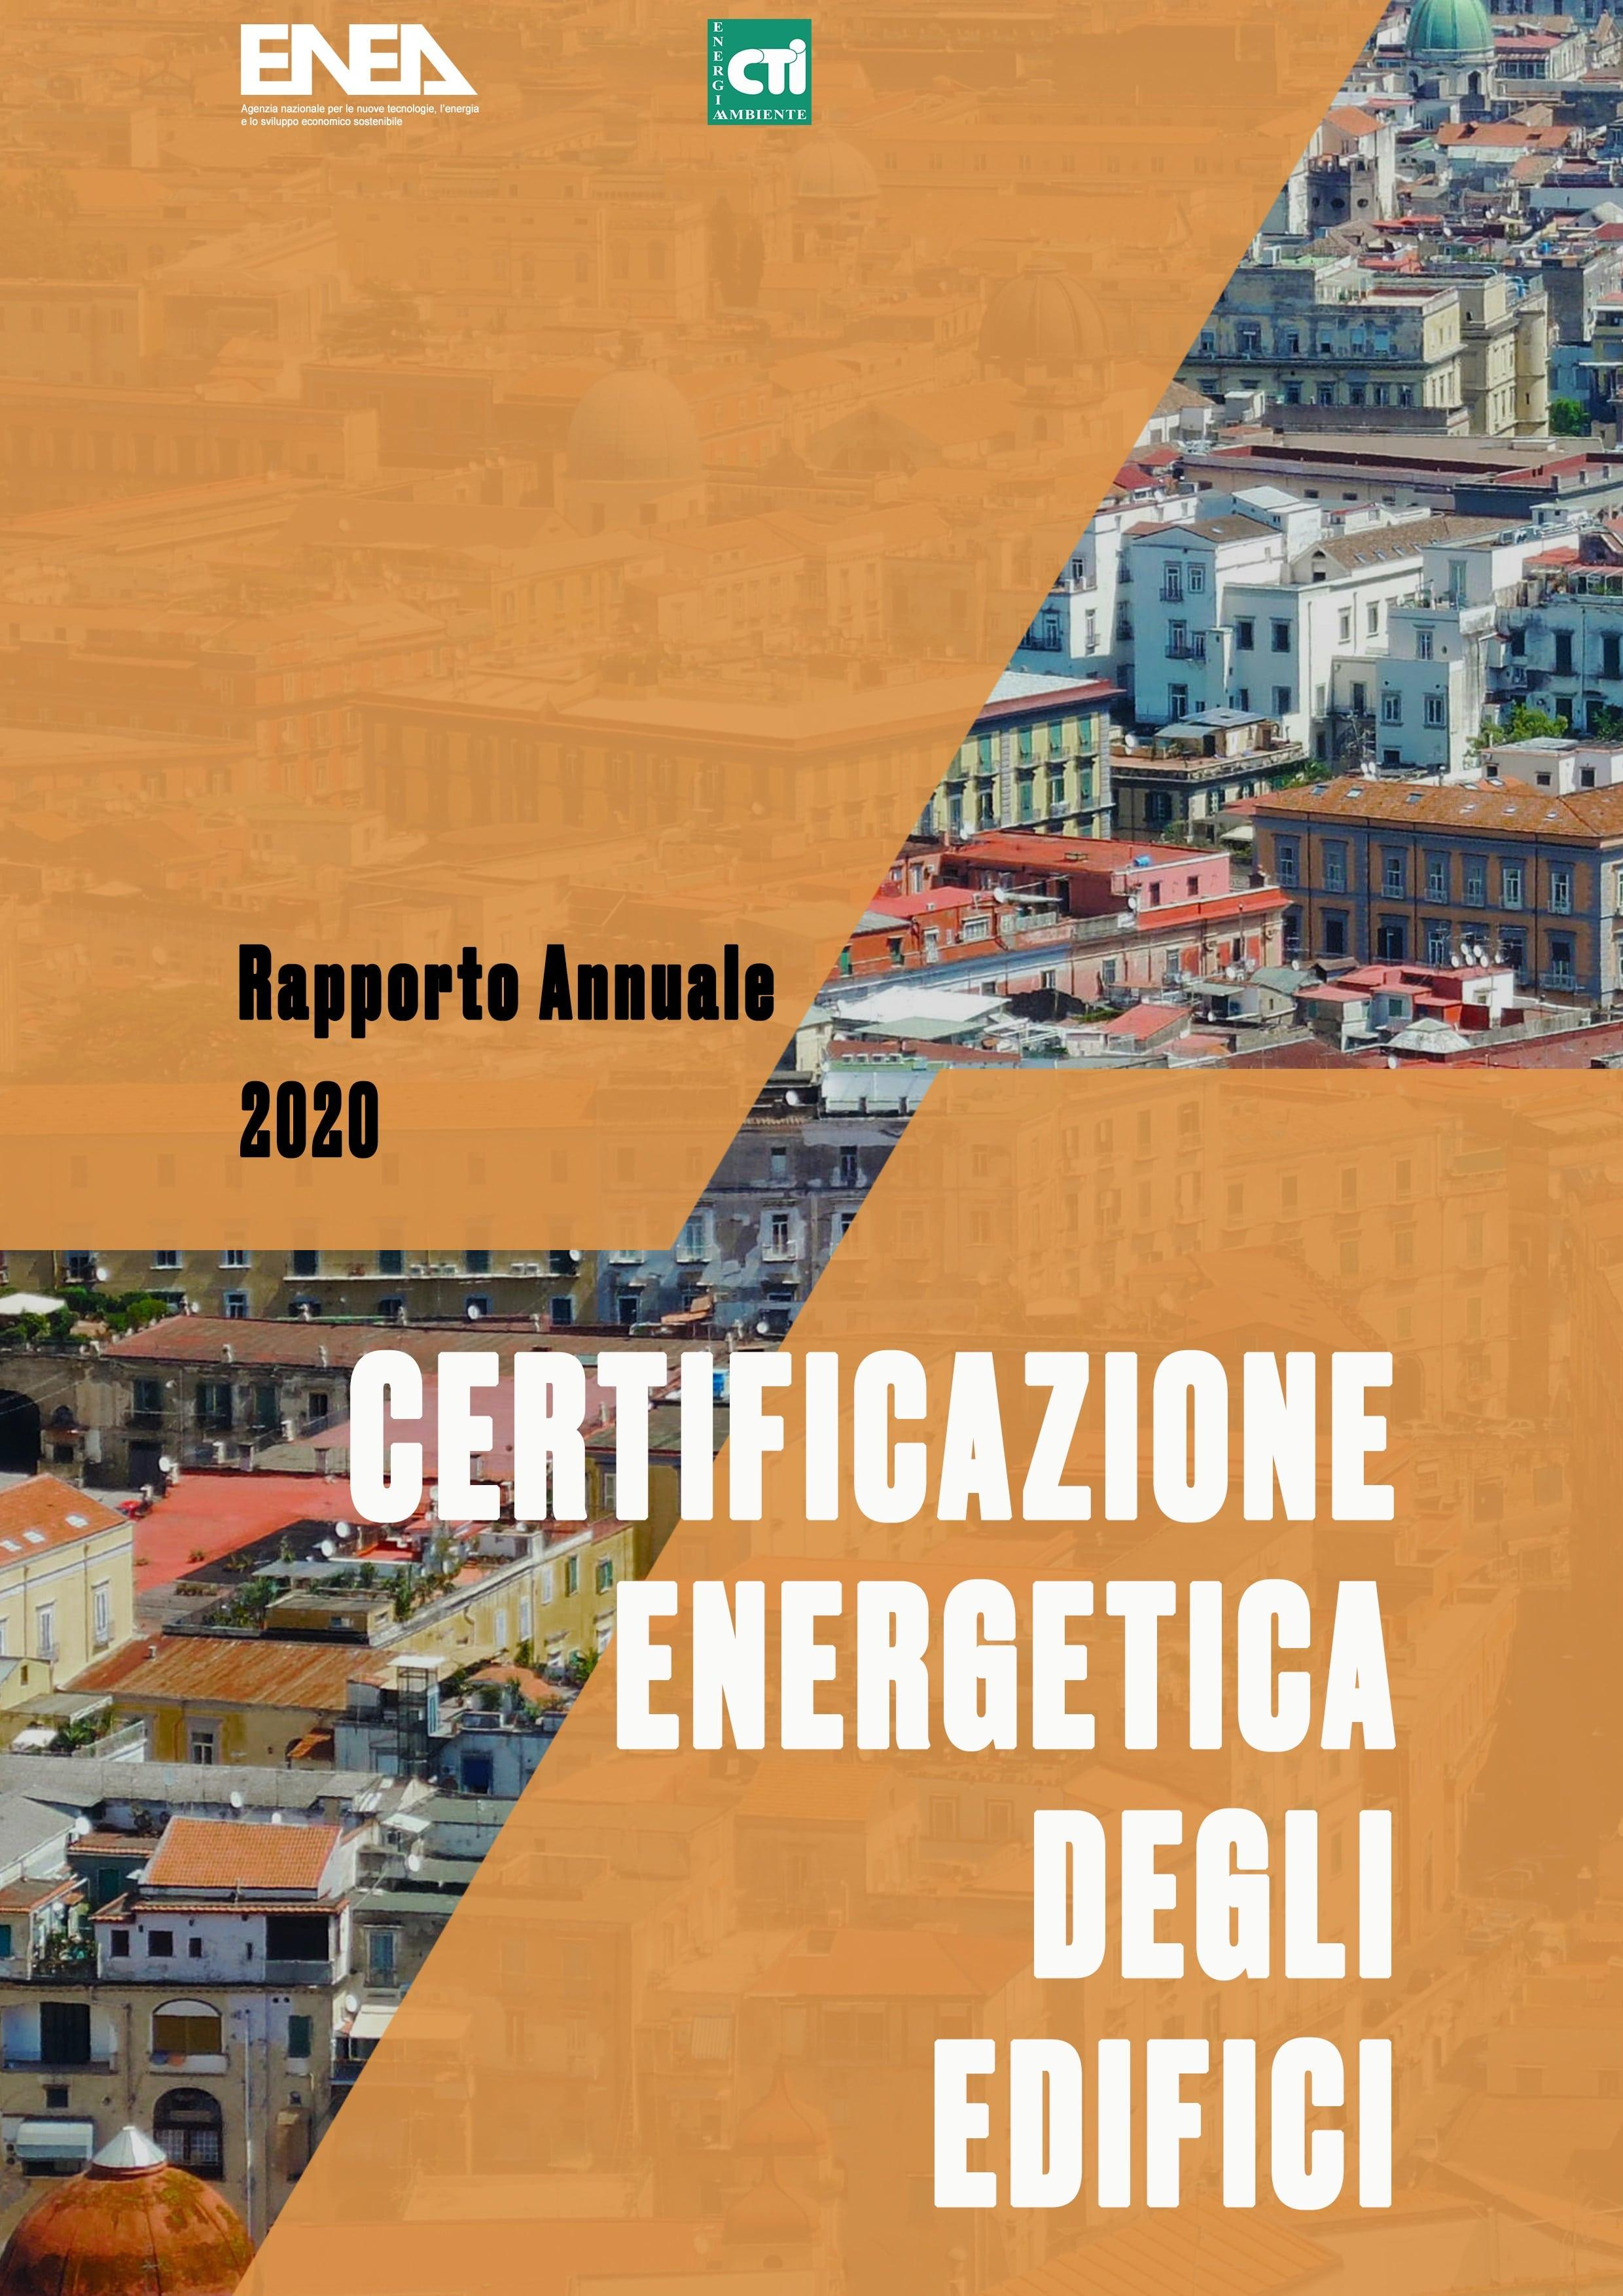 frontespizio rapporto annuale 2020 su CERTIFICAZIONE ENERGETICA DEGLI EDIFICI